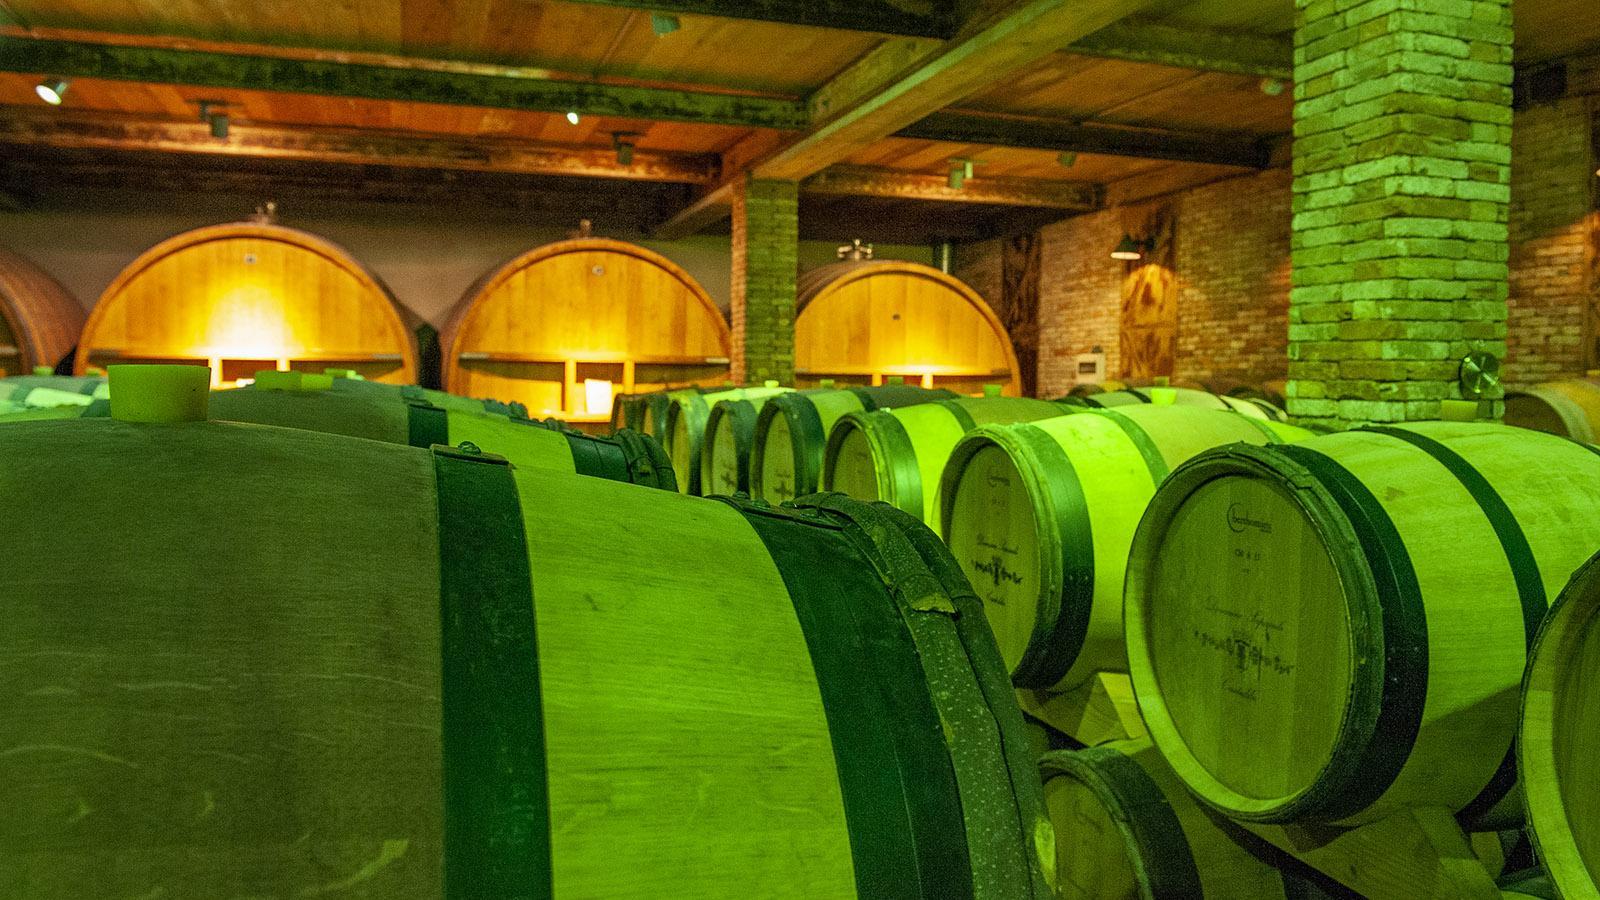 Der Weinkeller des Weinguts Saparale. Foto: Hilke Maunder